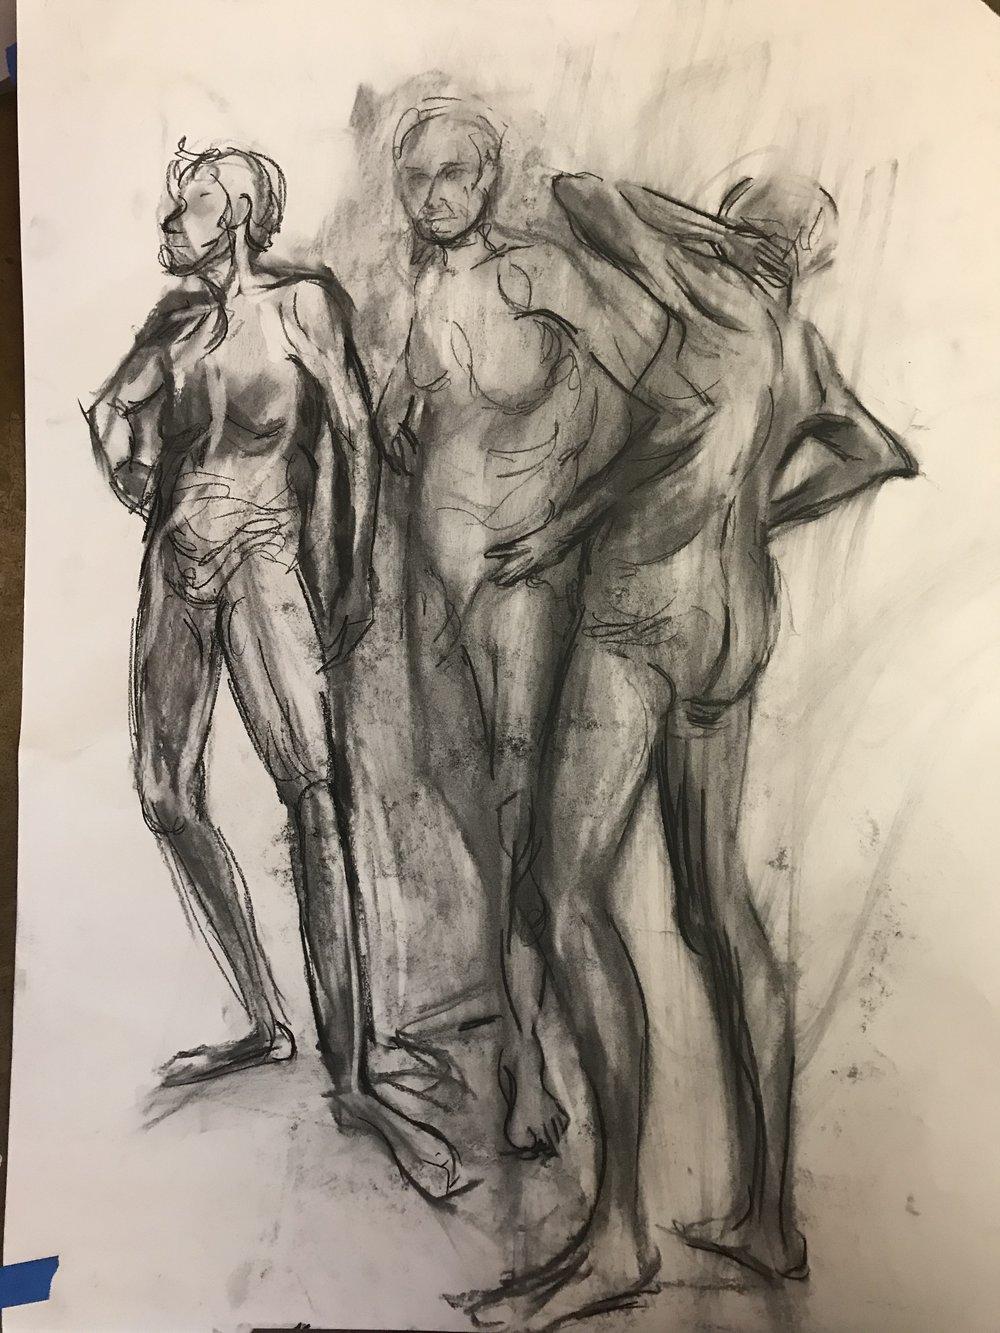 Figure study emphasizing motion